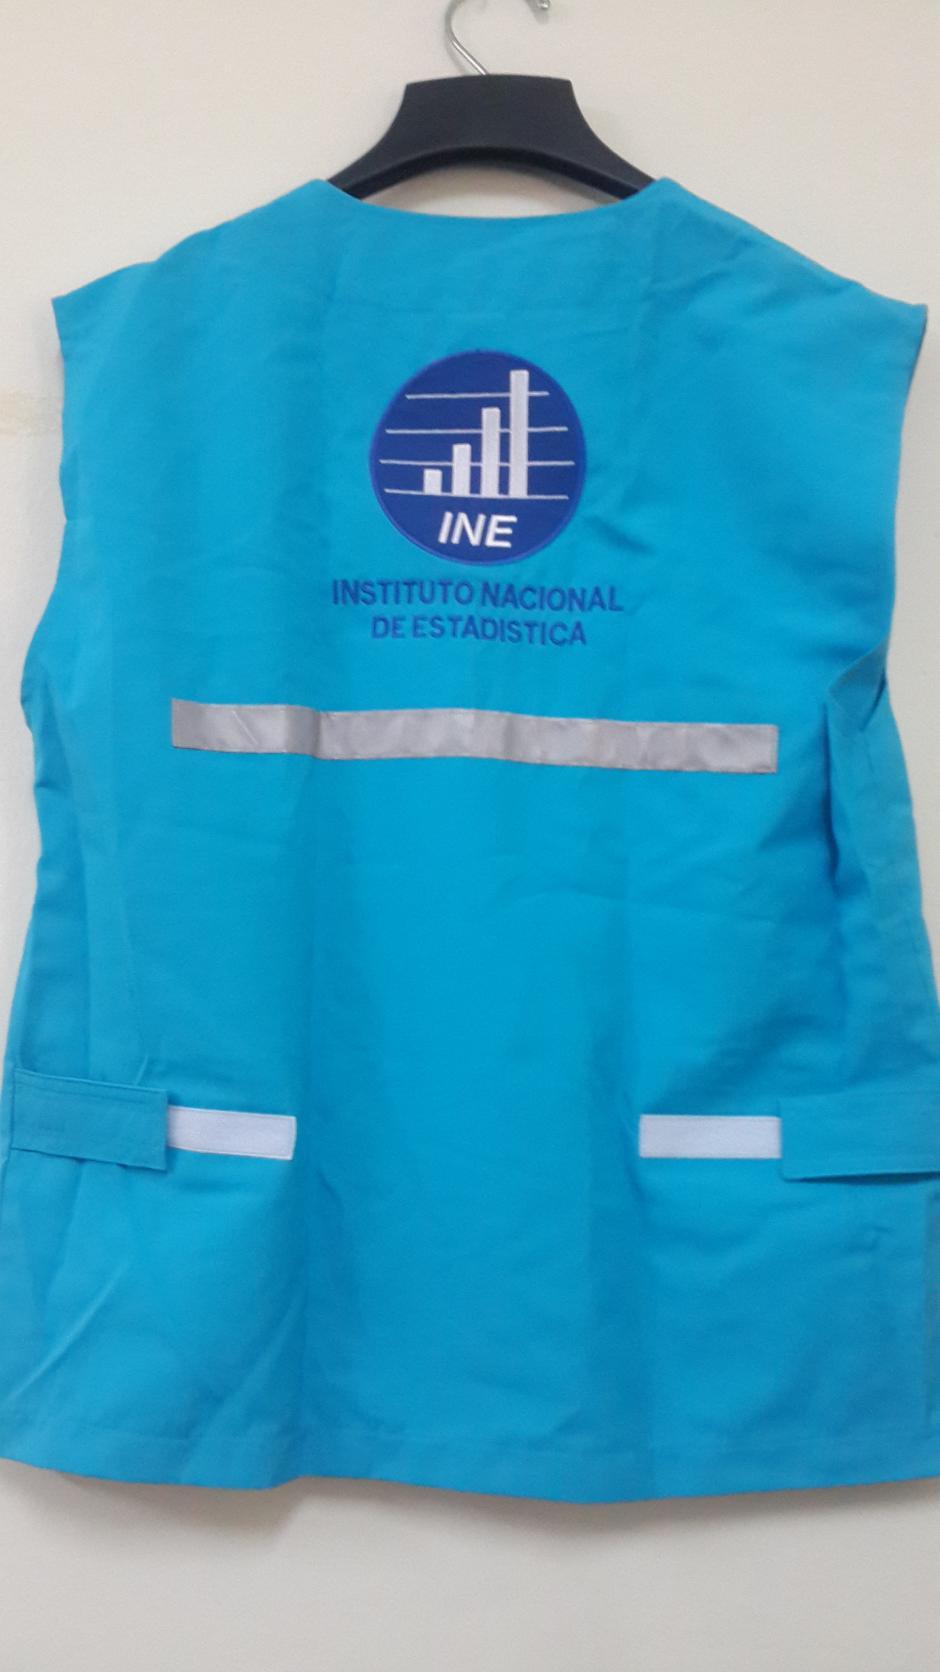 Los datos de los empleados del INE podrán corroborarse en la página de internet. (Foto: Soy502)